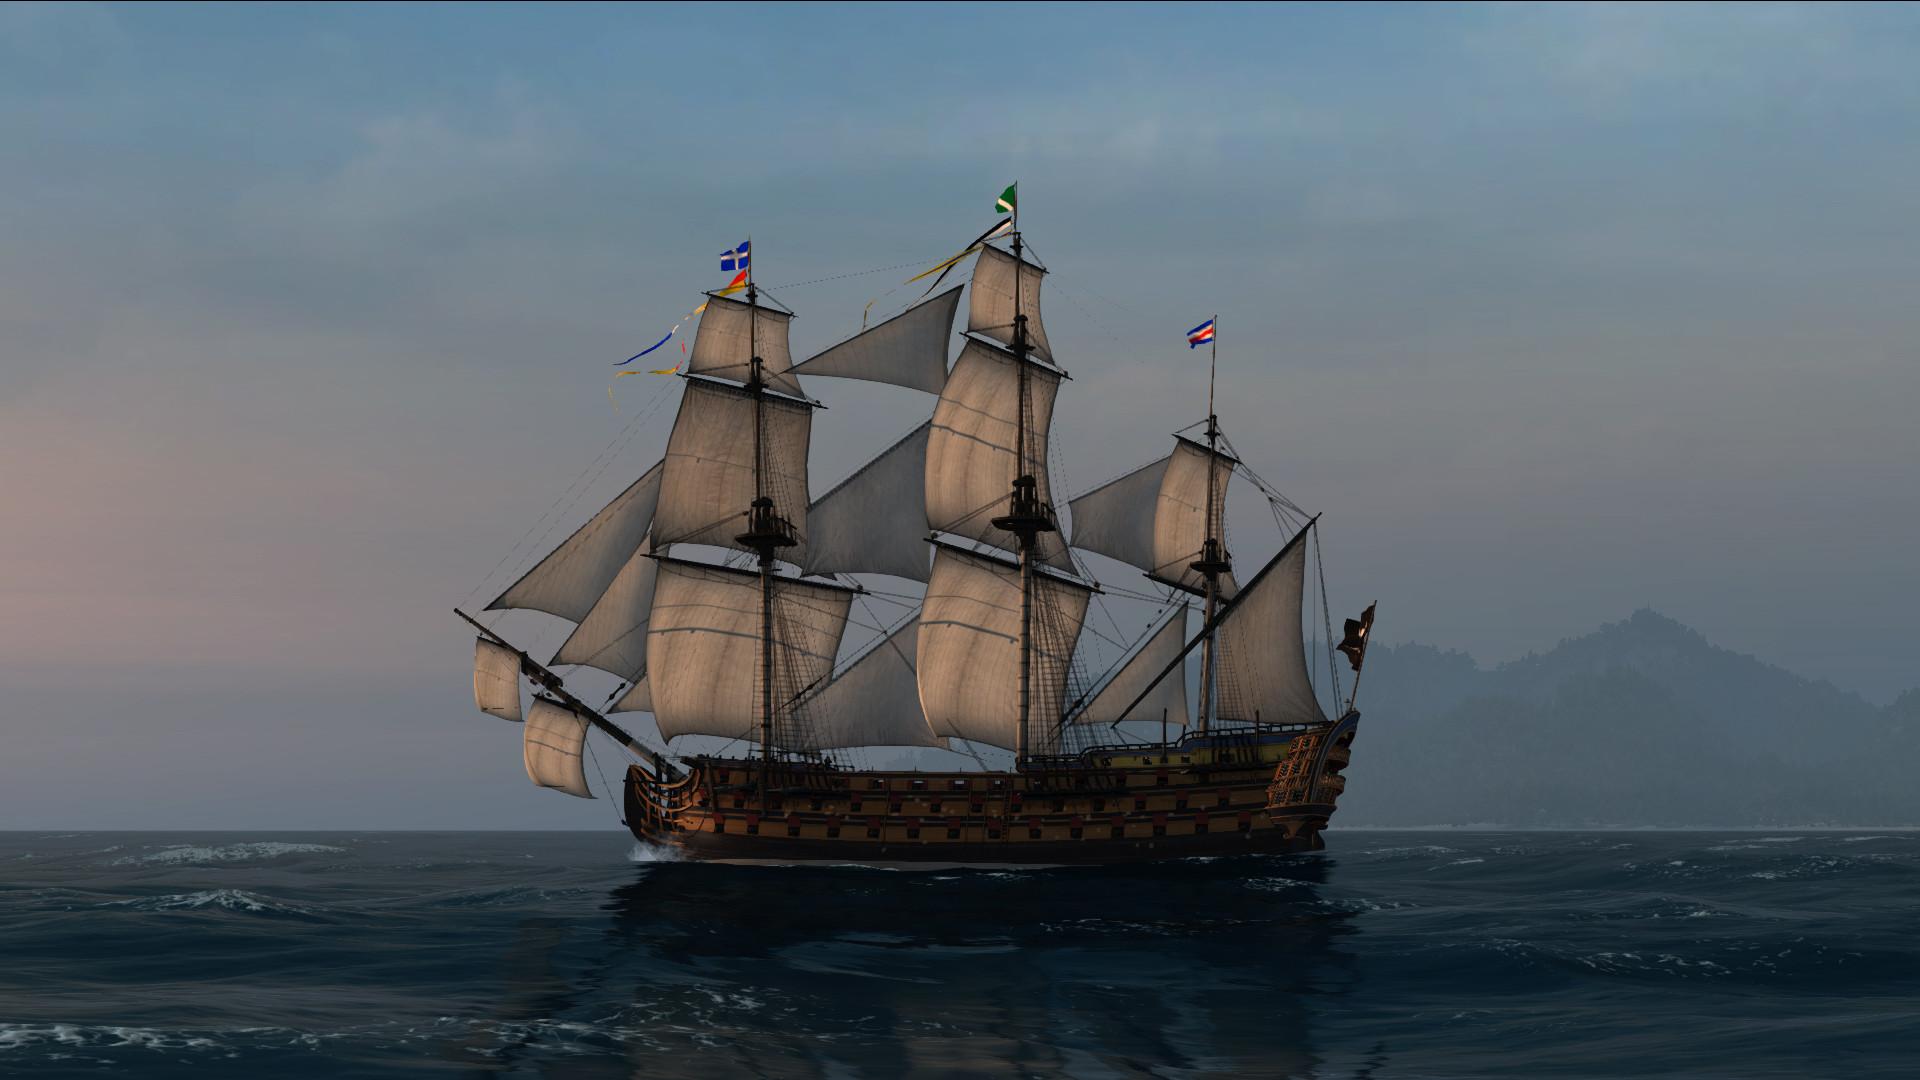 Naval Action - Santa Ana